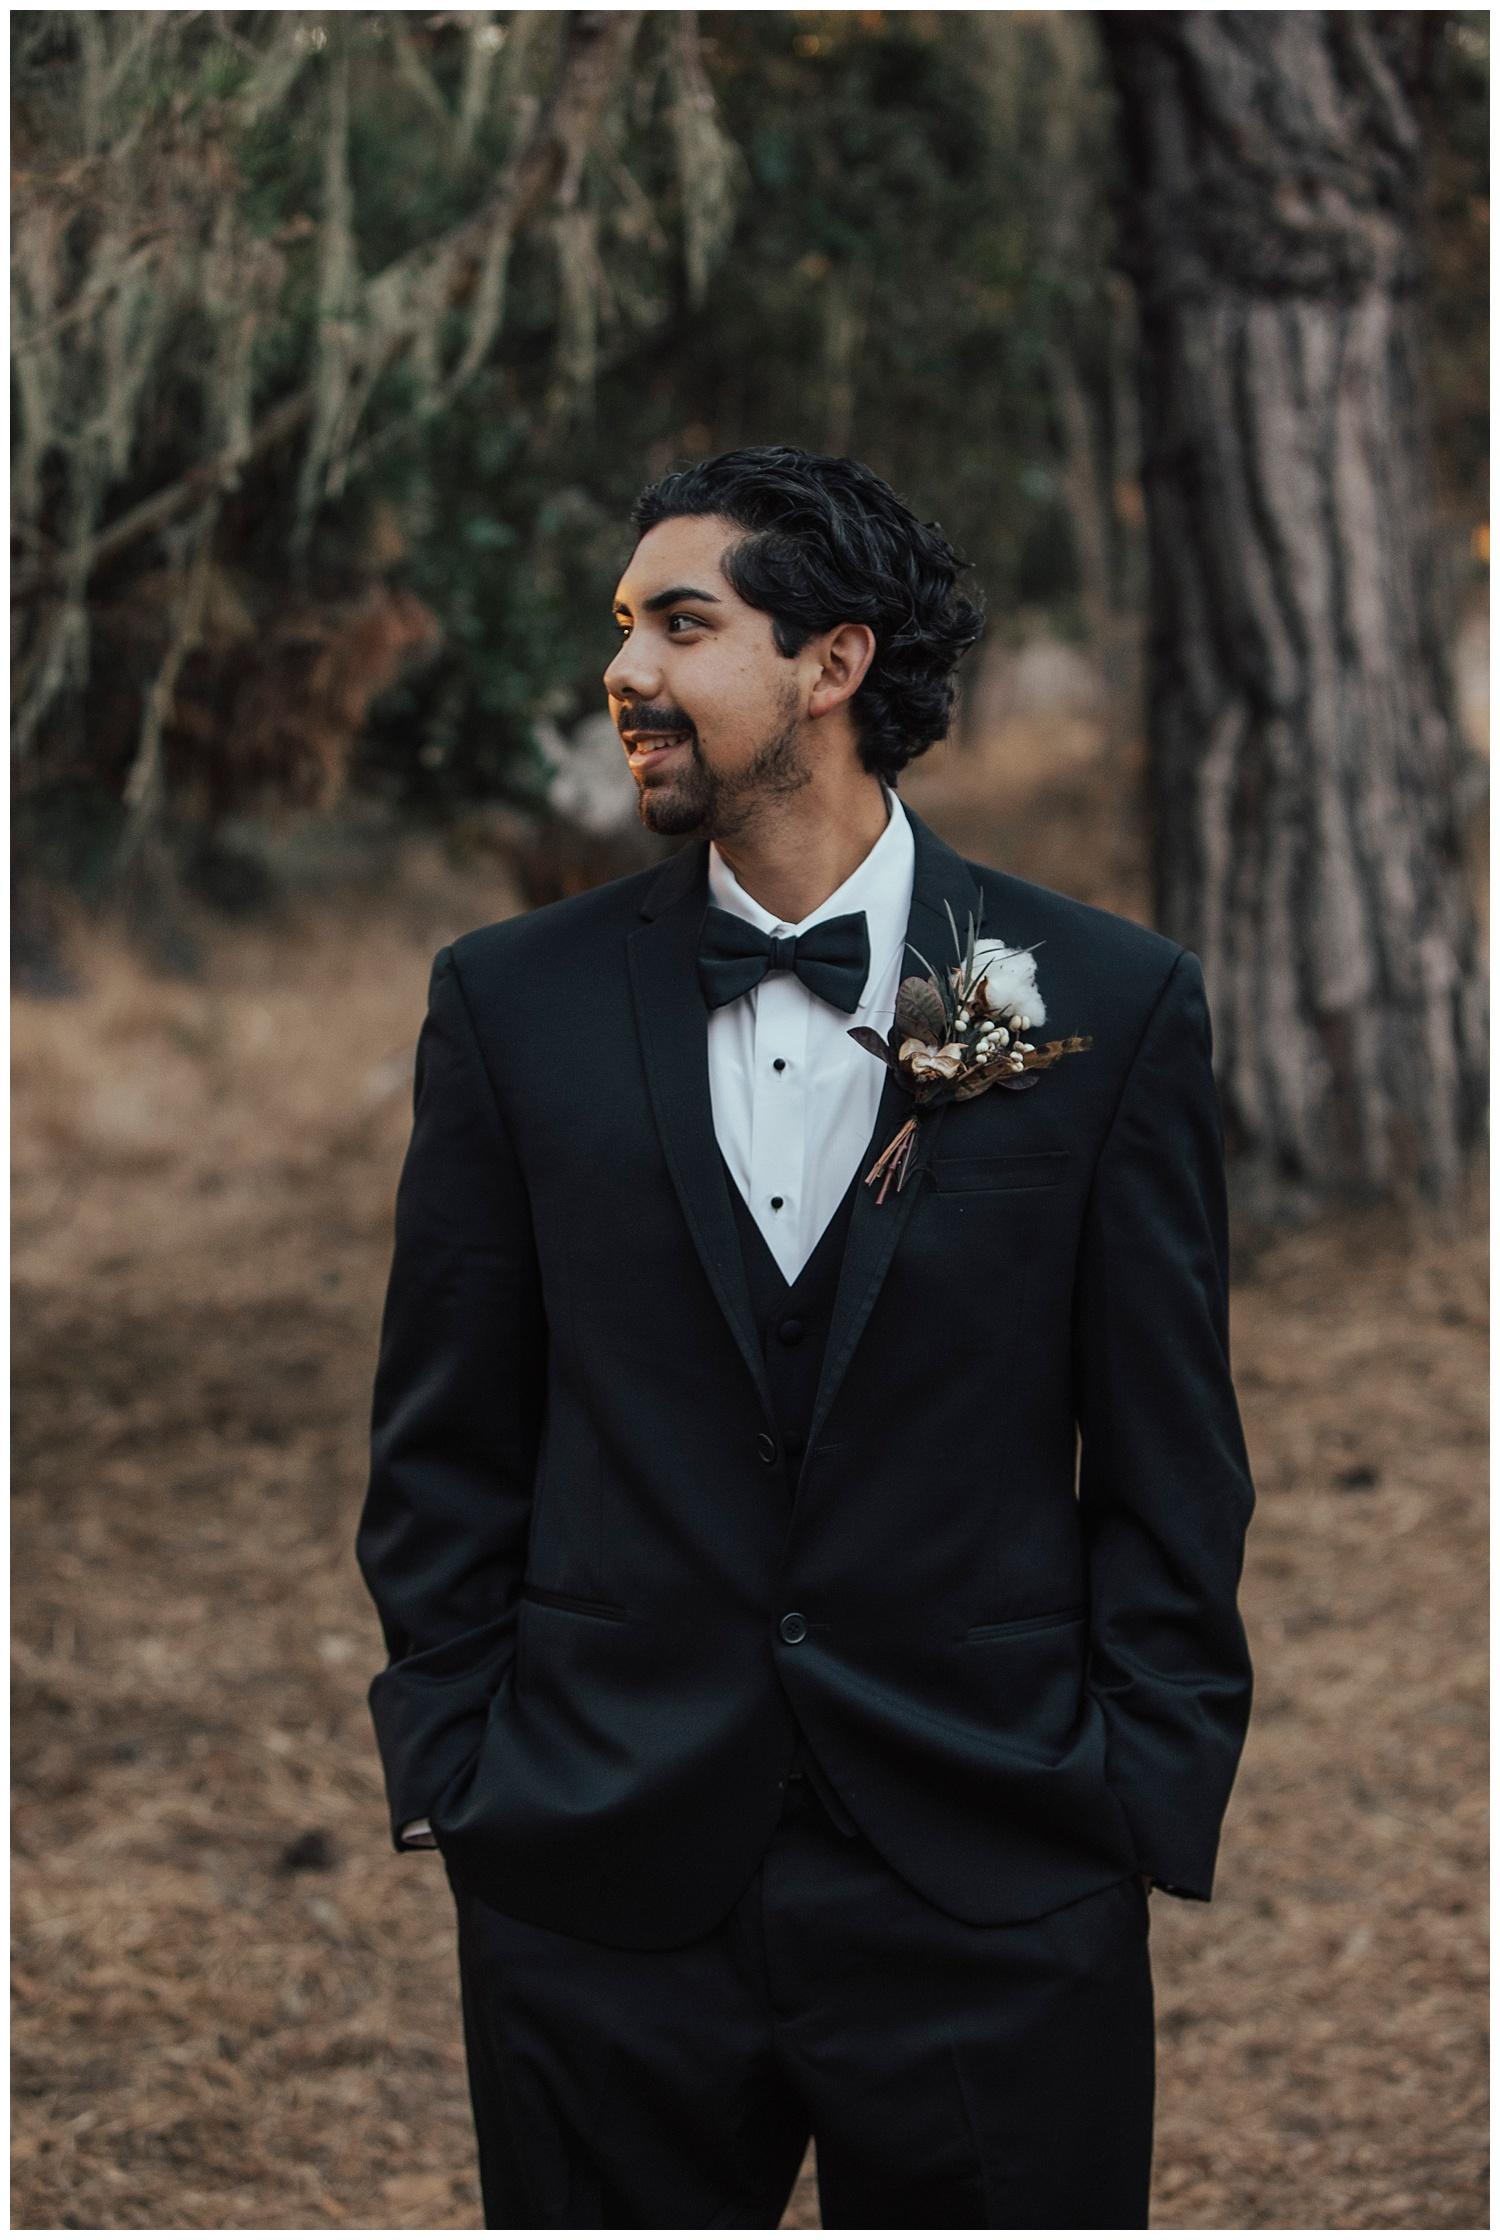 carol oliva photography Edward in black tuxedo